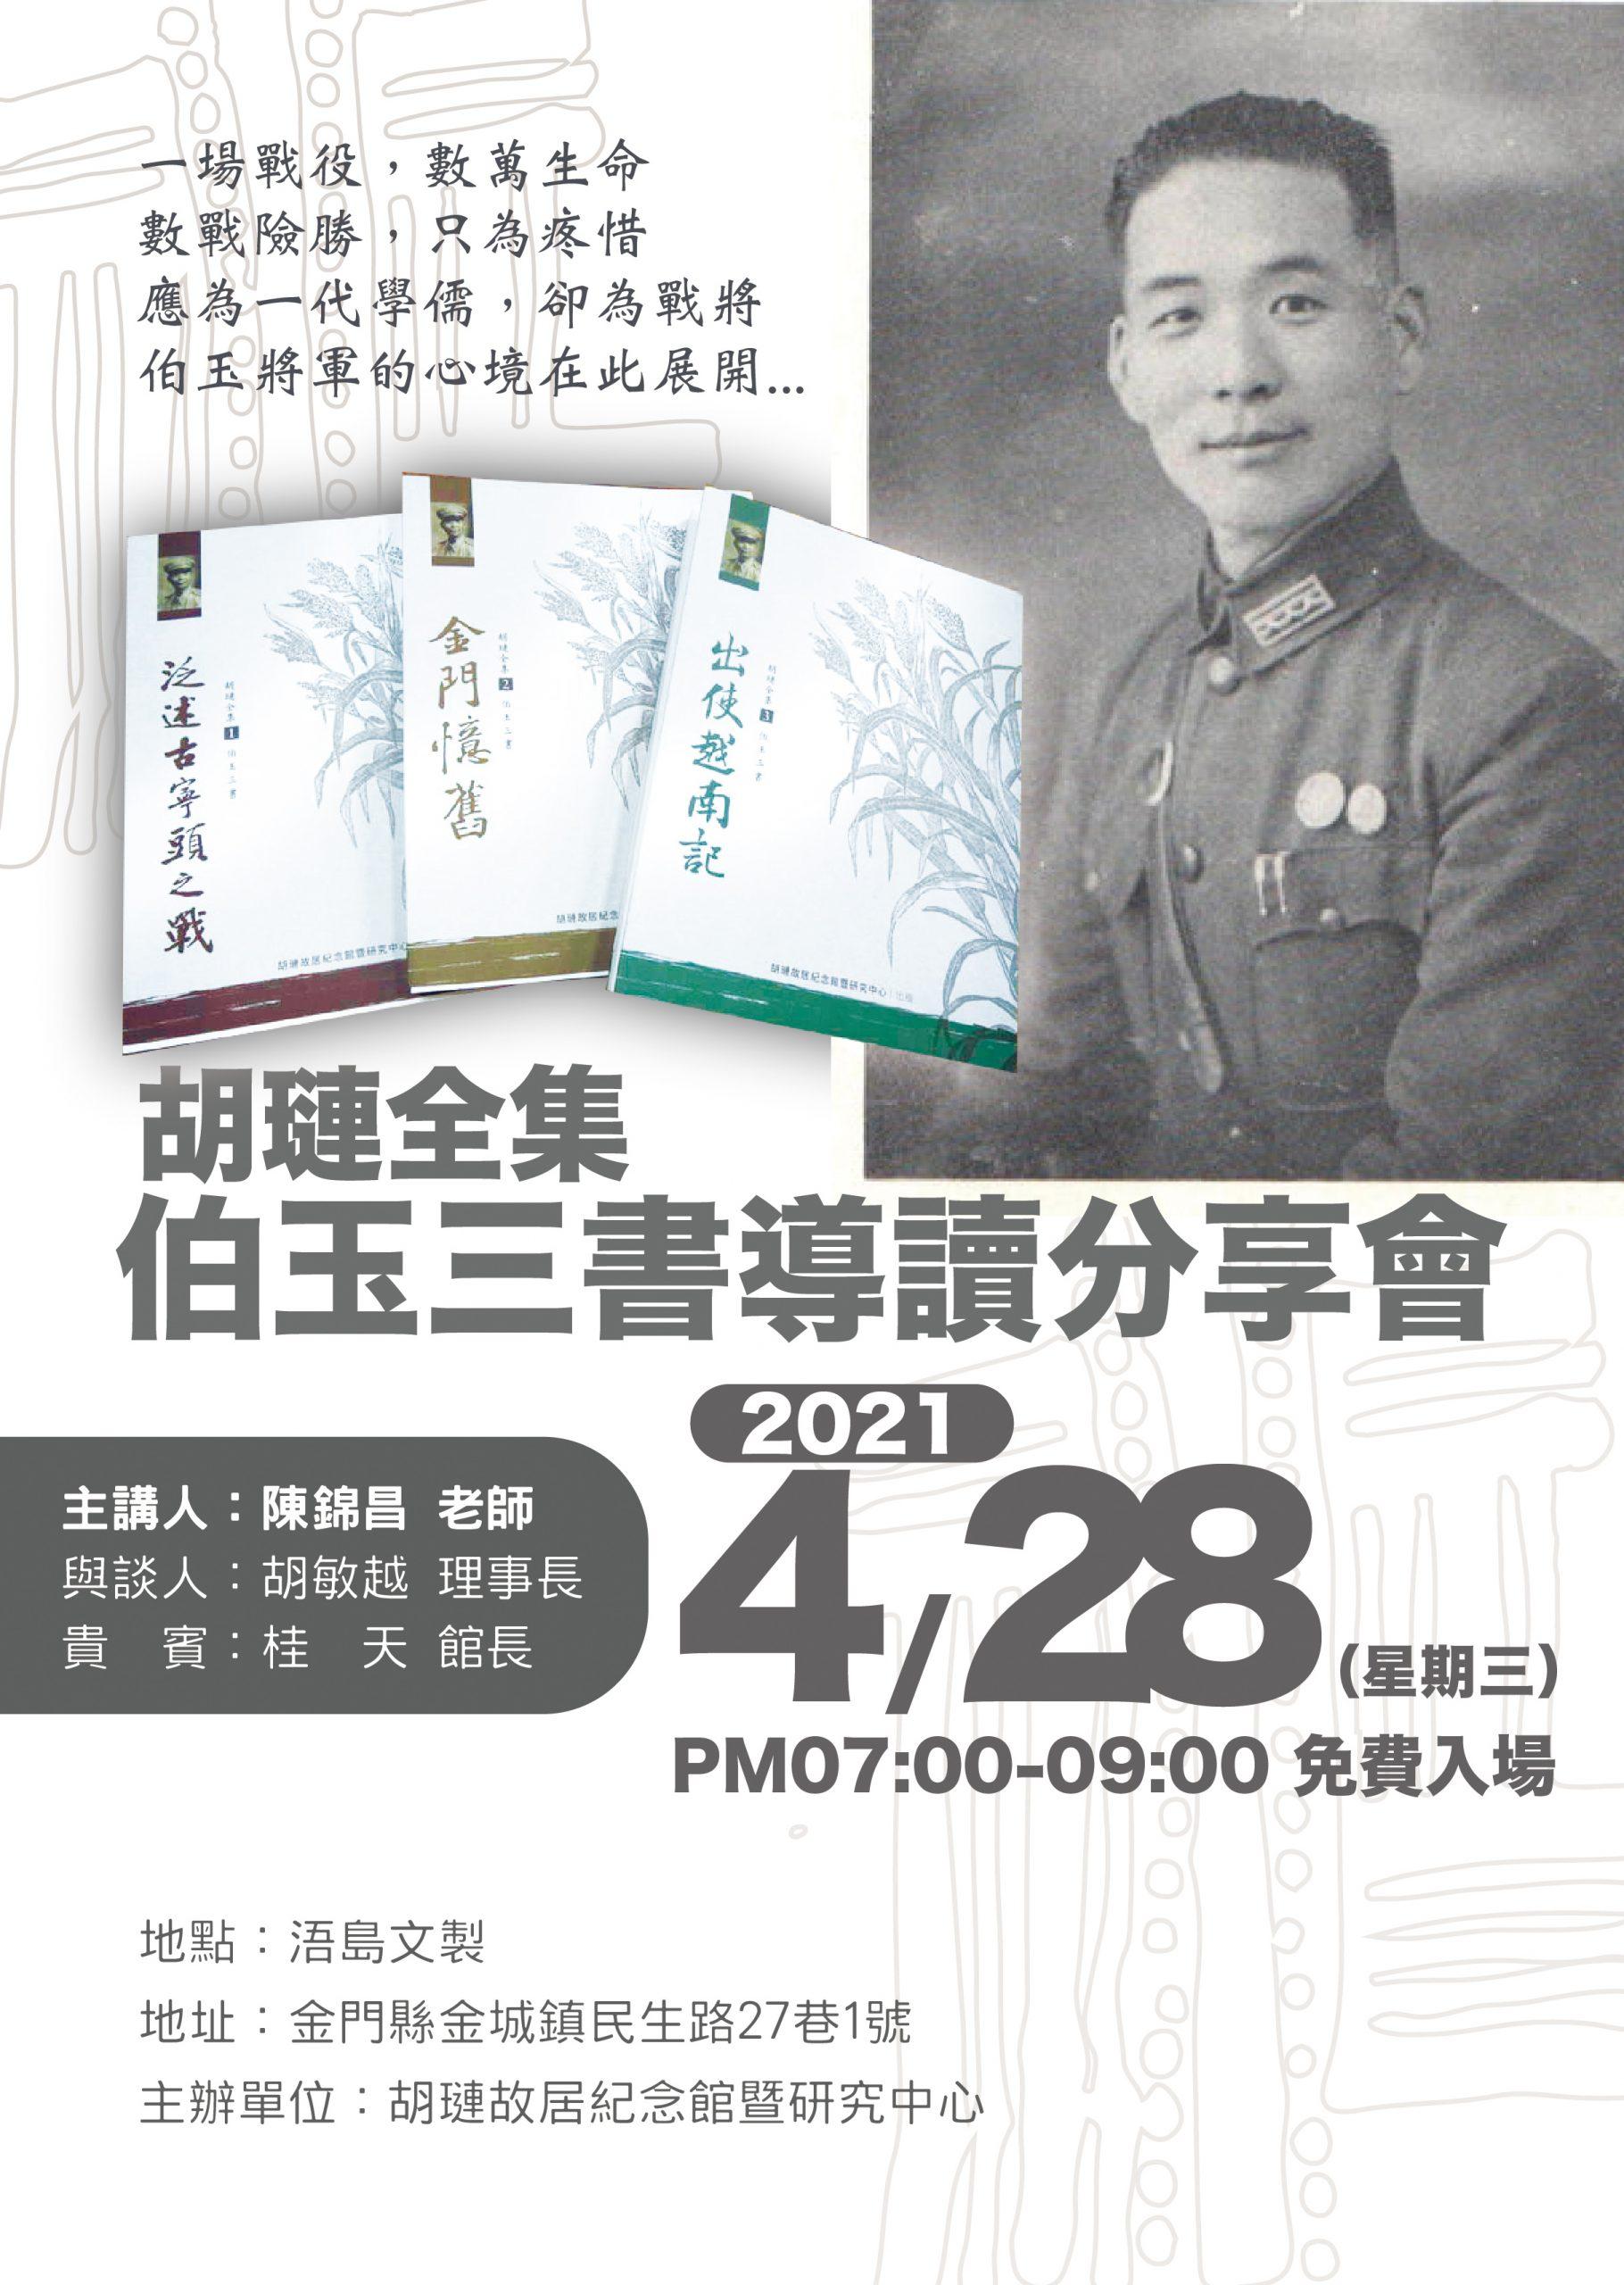 428胡璉將軍@4x-100-scaled.jpg